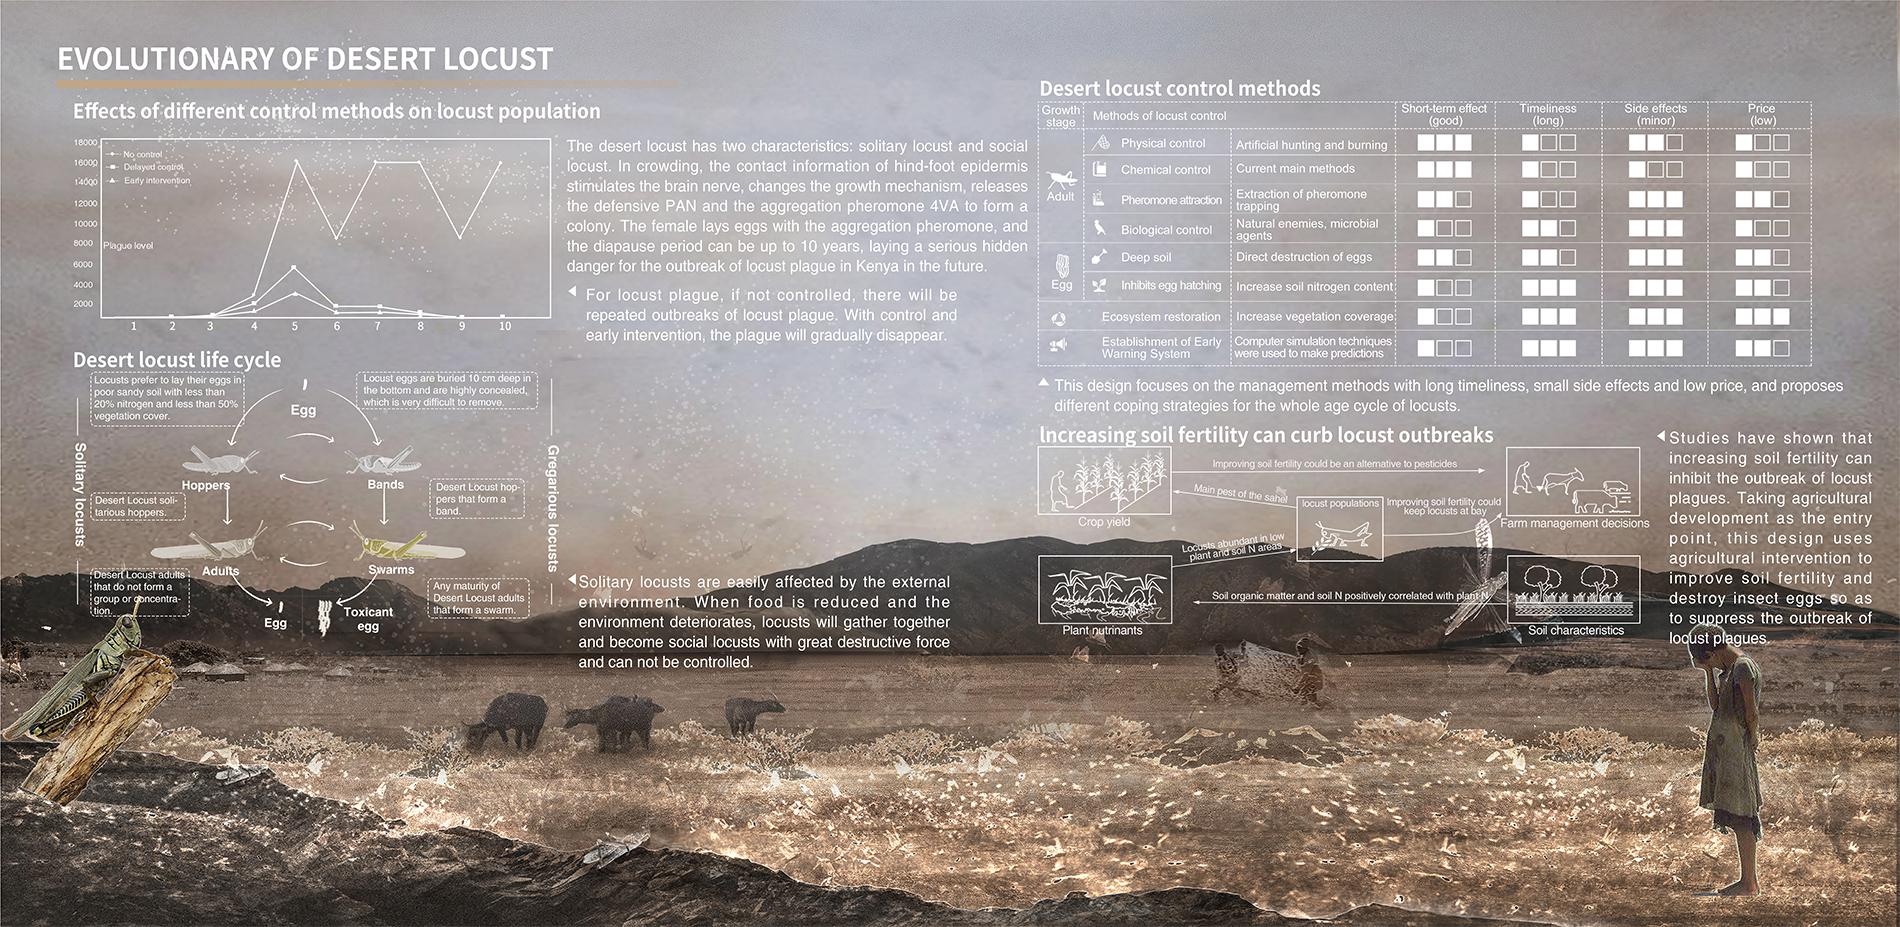 EVOLUTIONARY OF DESERT LOCUST